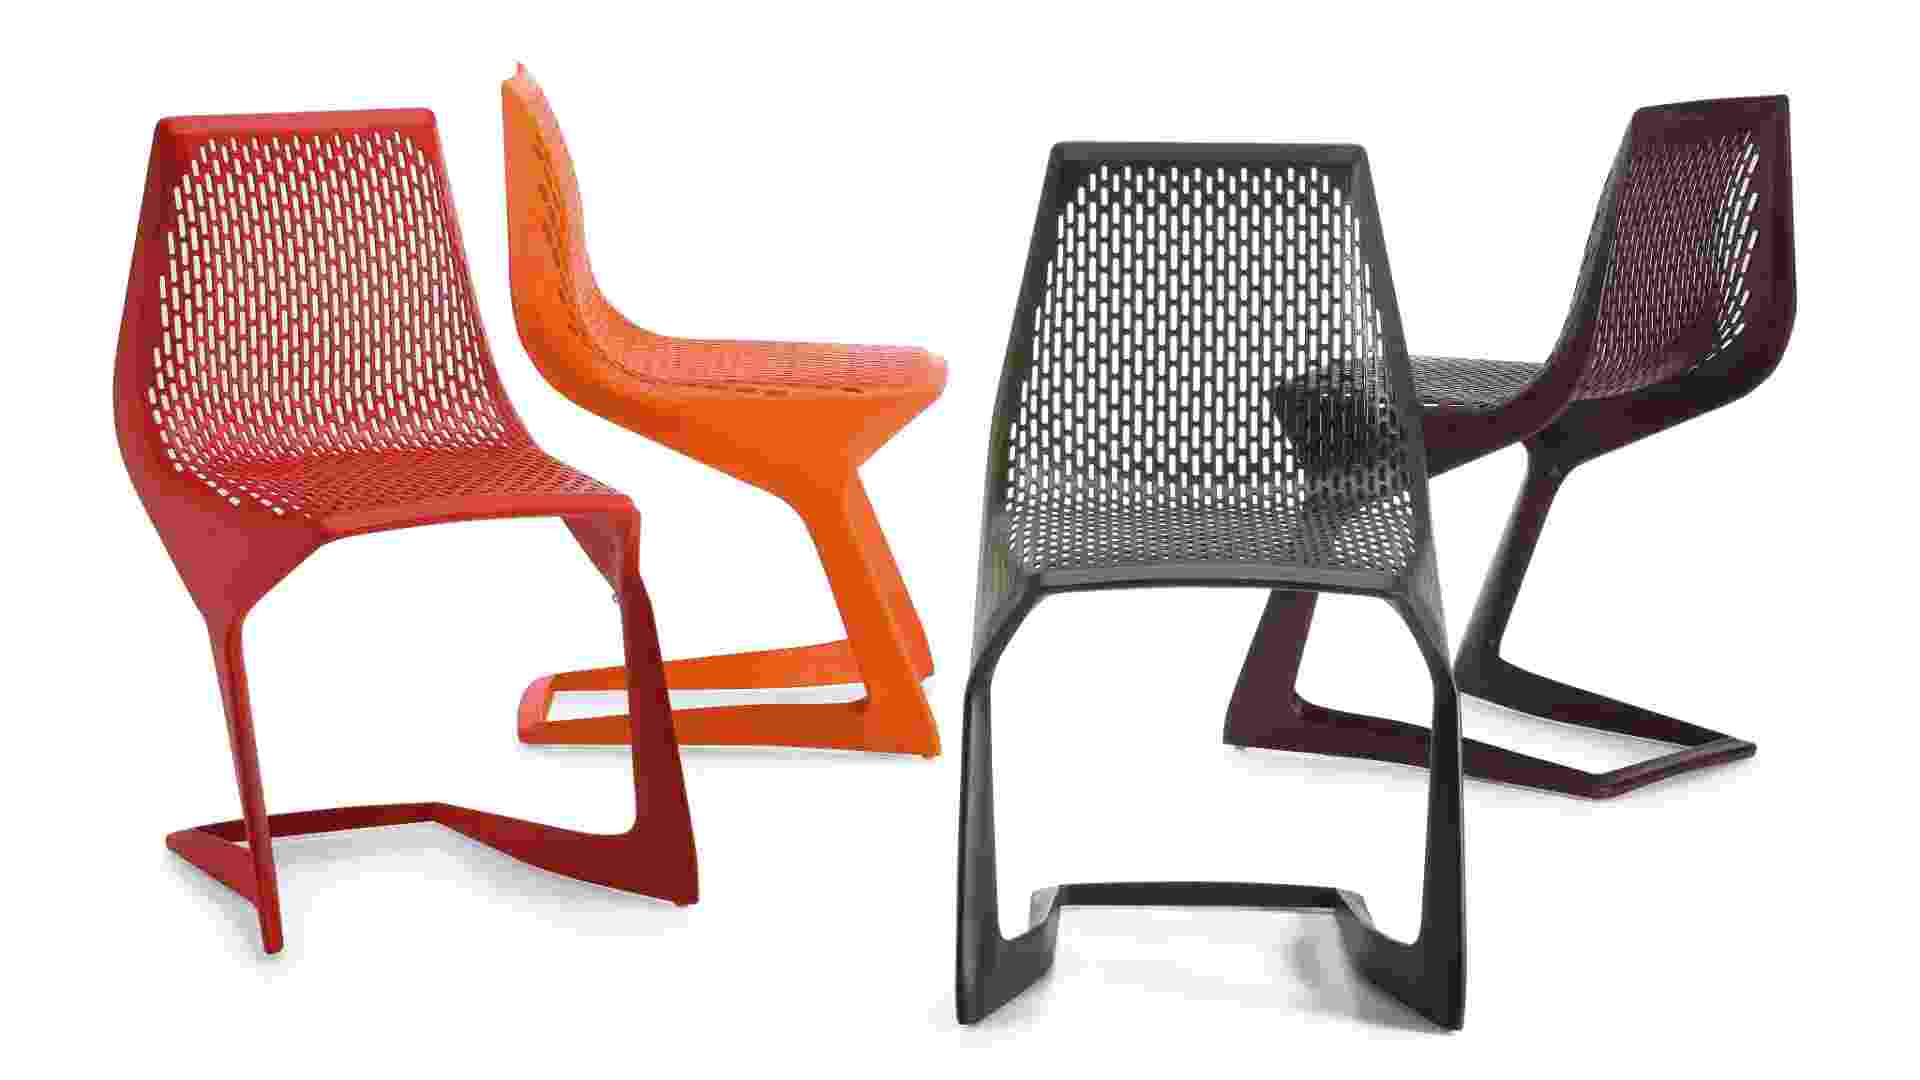 Cadeira Myto - Konstantin Grcic  - Divulgação/ The New York Times